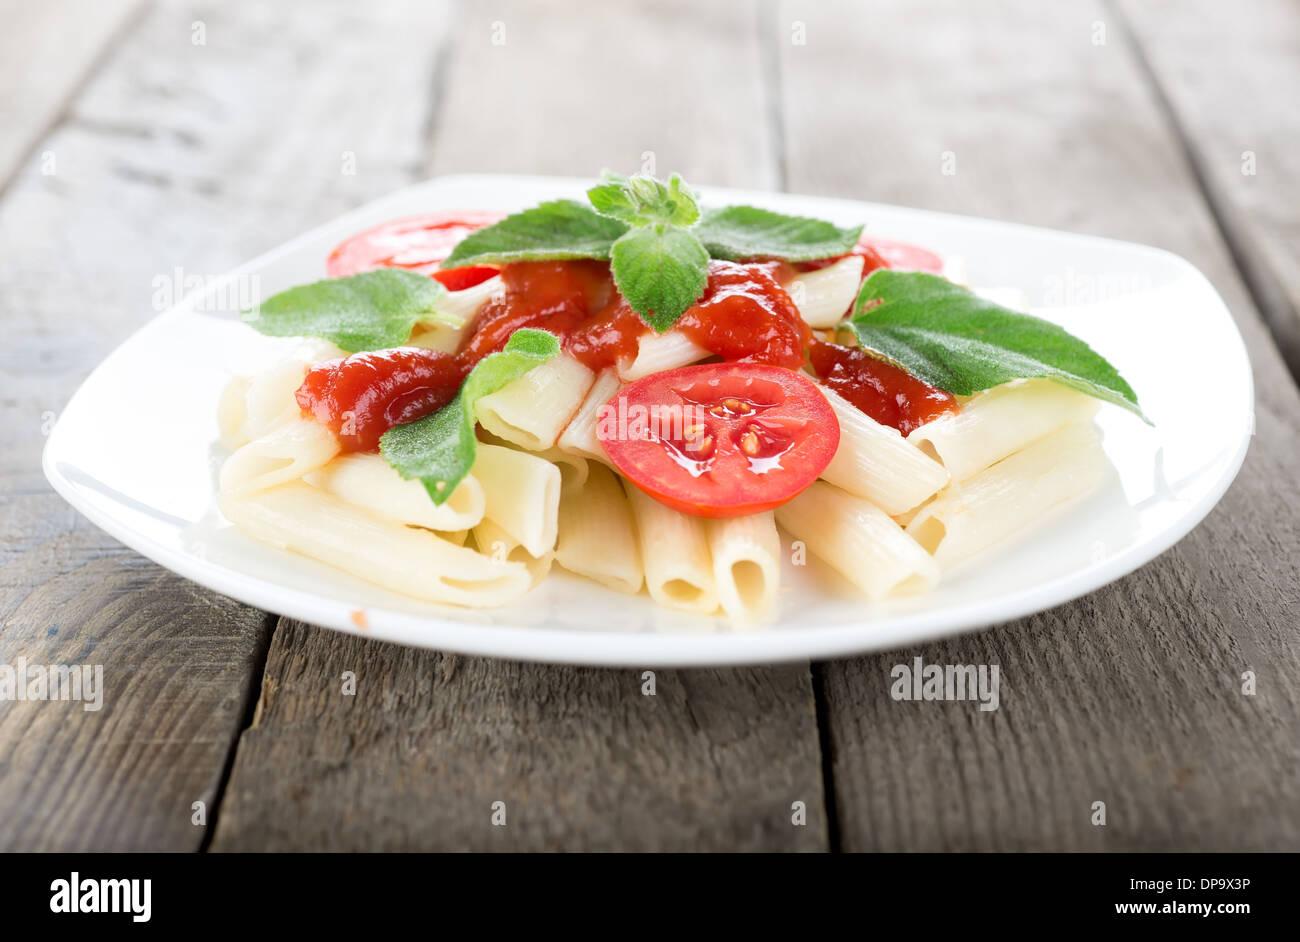 Pasta con verduras en una mesa de madera Imagen De Stock